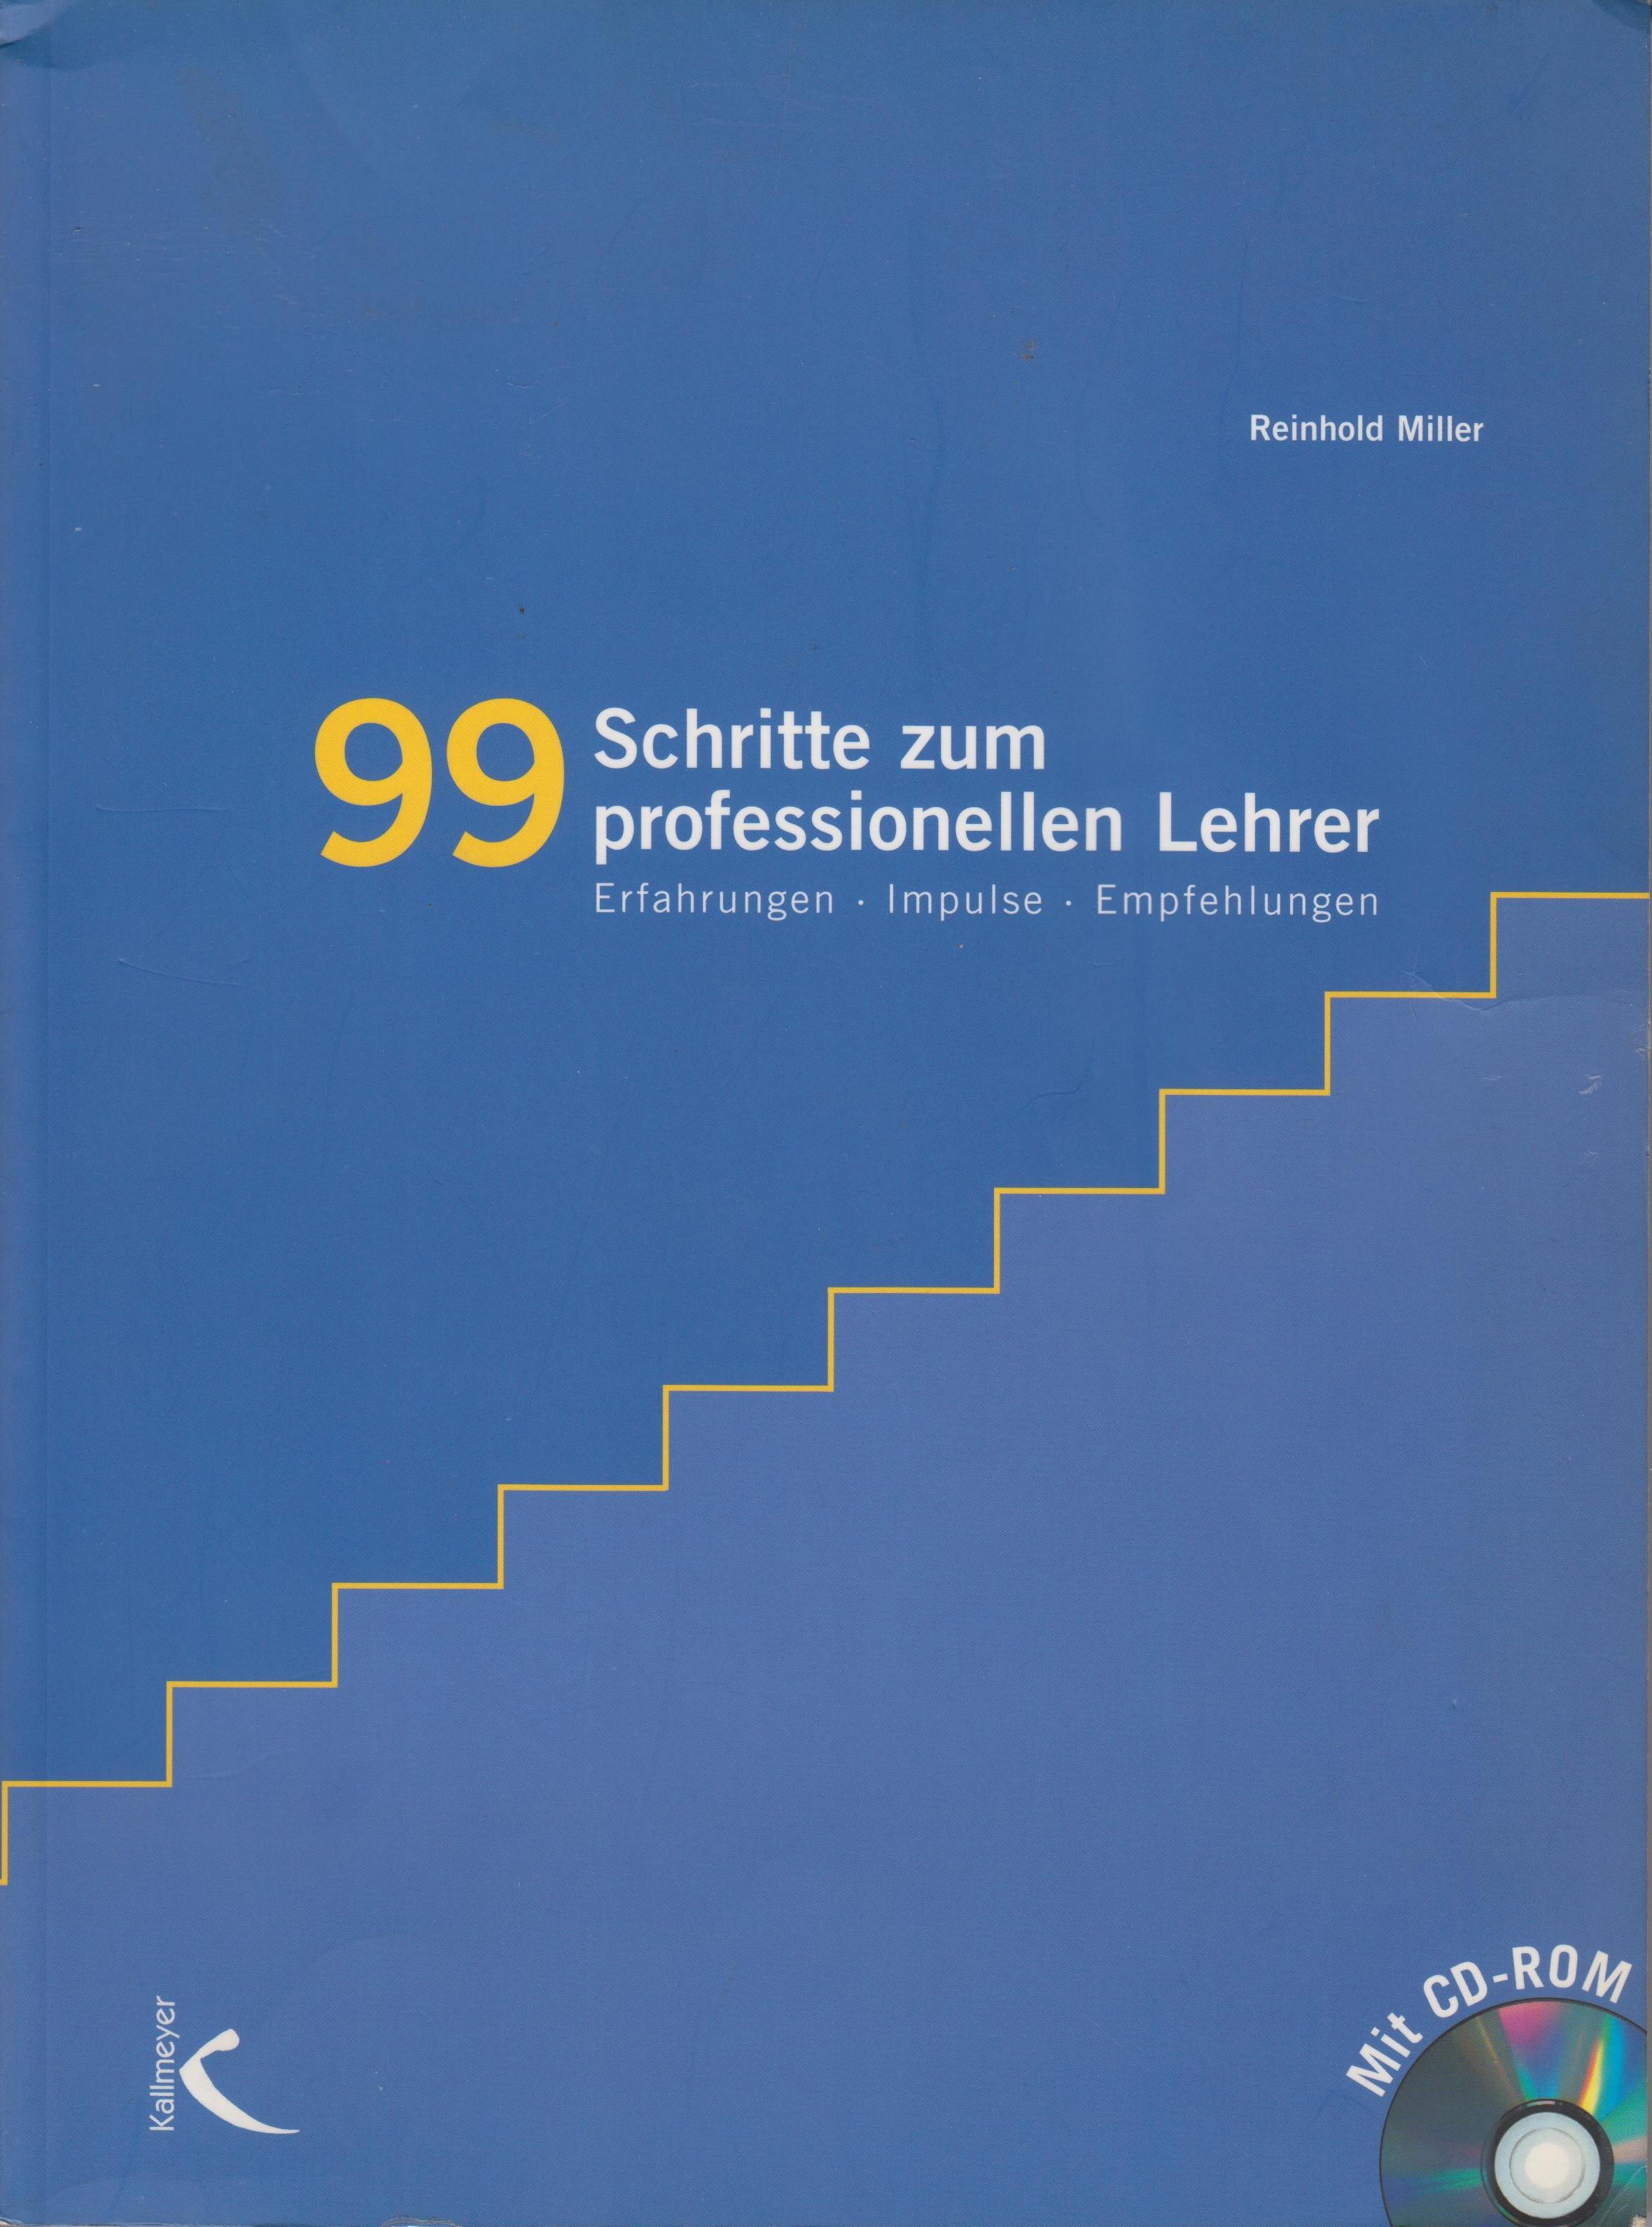 99 Schritte zum professionellen Lehrer. Mit CD-ROM: Erfahrungen, Impulse, Empfehlungen - Reinhold Miller